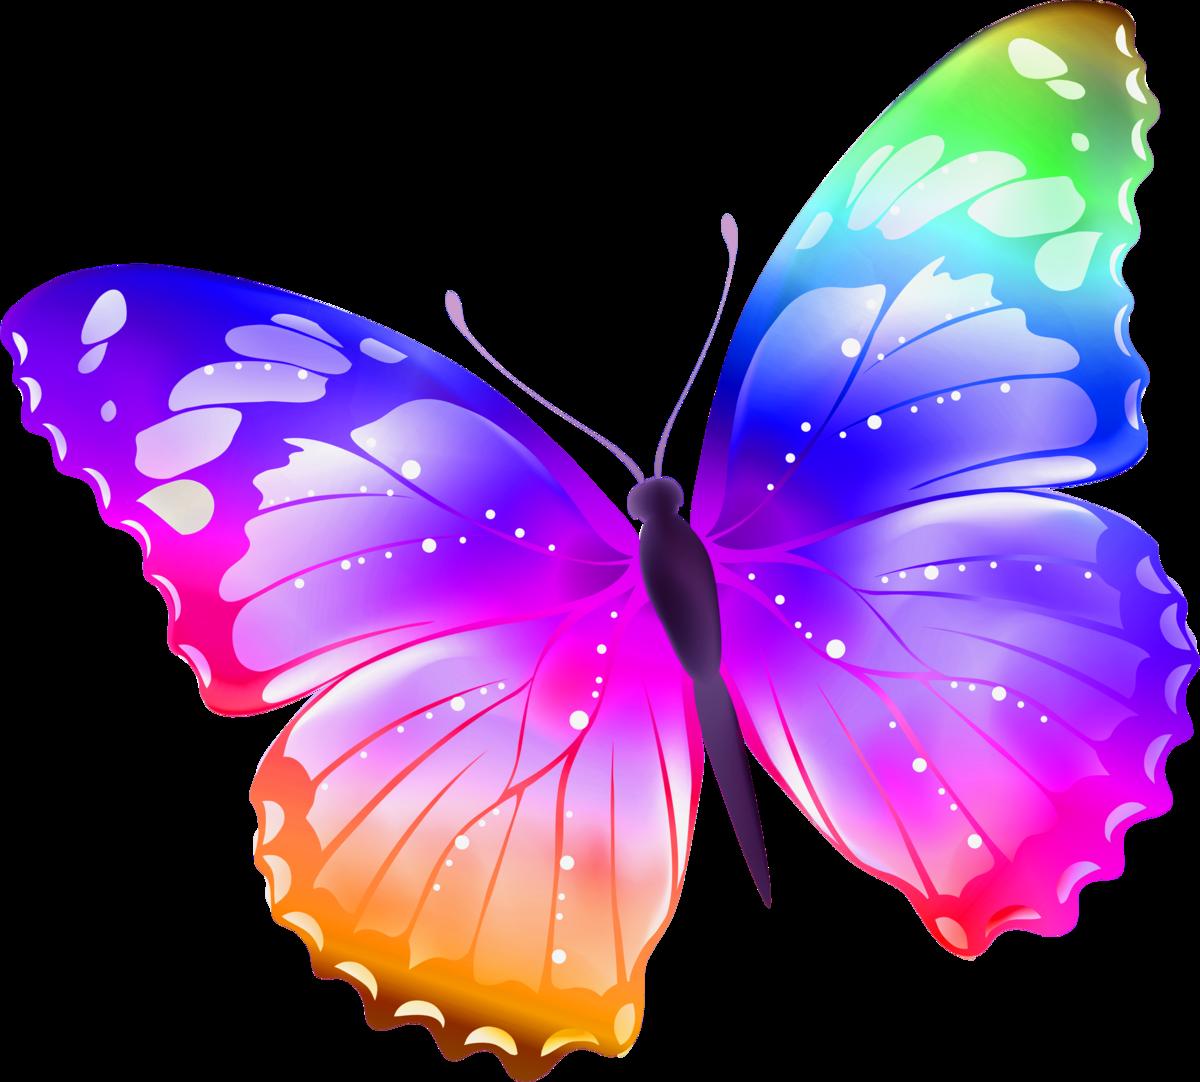 Бабочки рисунок на прозрачном фоне, бизнесмену открытка открытка